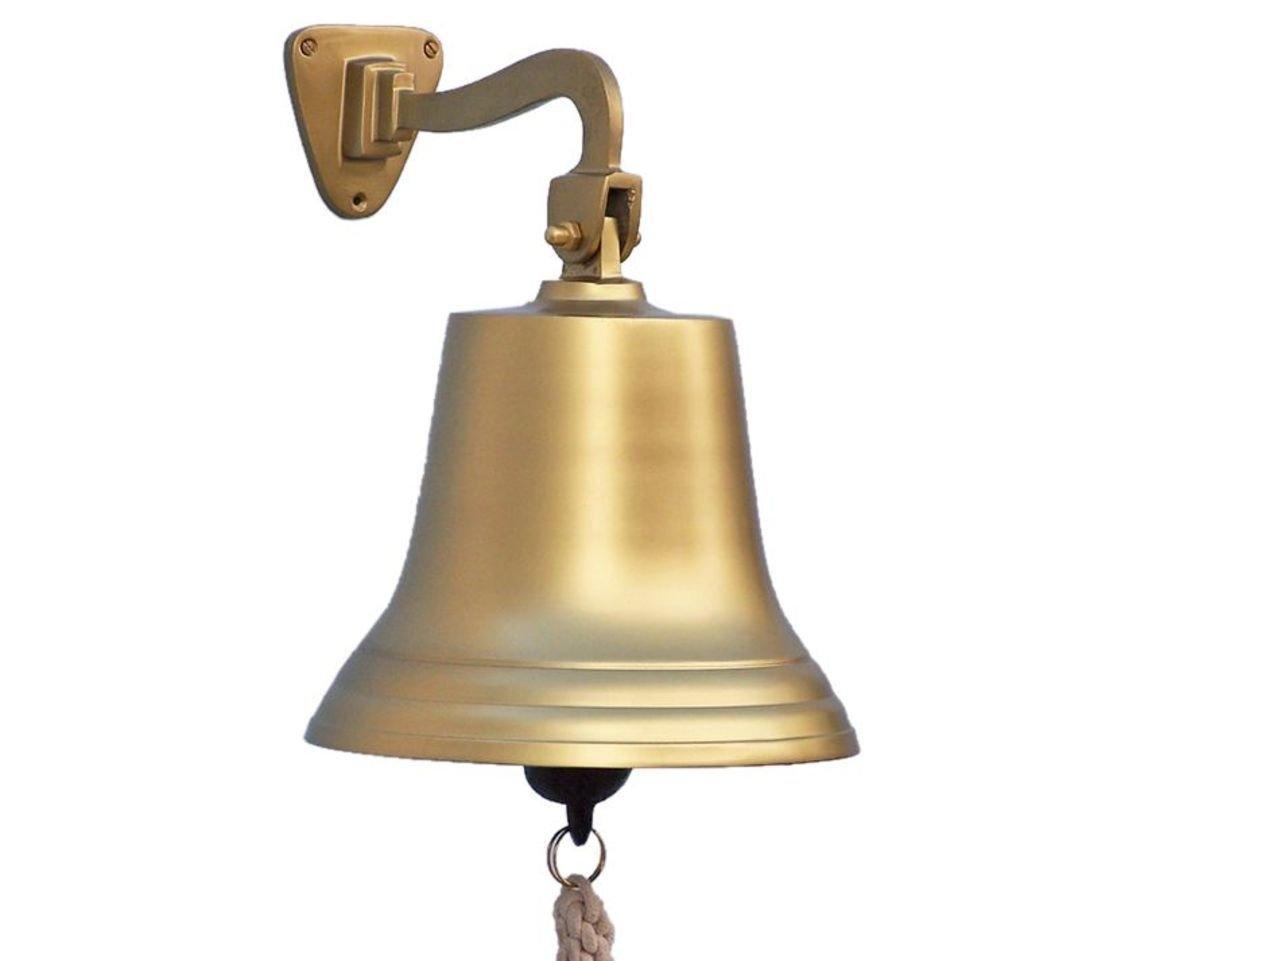 Hampton Nautical 3xglass-101 Antique Brass Hanging Ship's 15'' Bell-Nautical Decor, 15 inch,